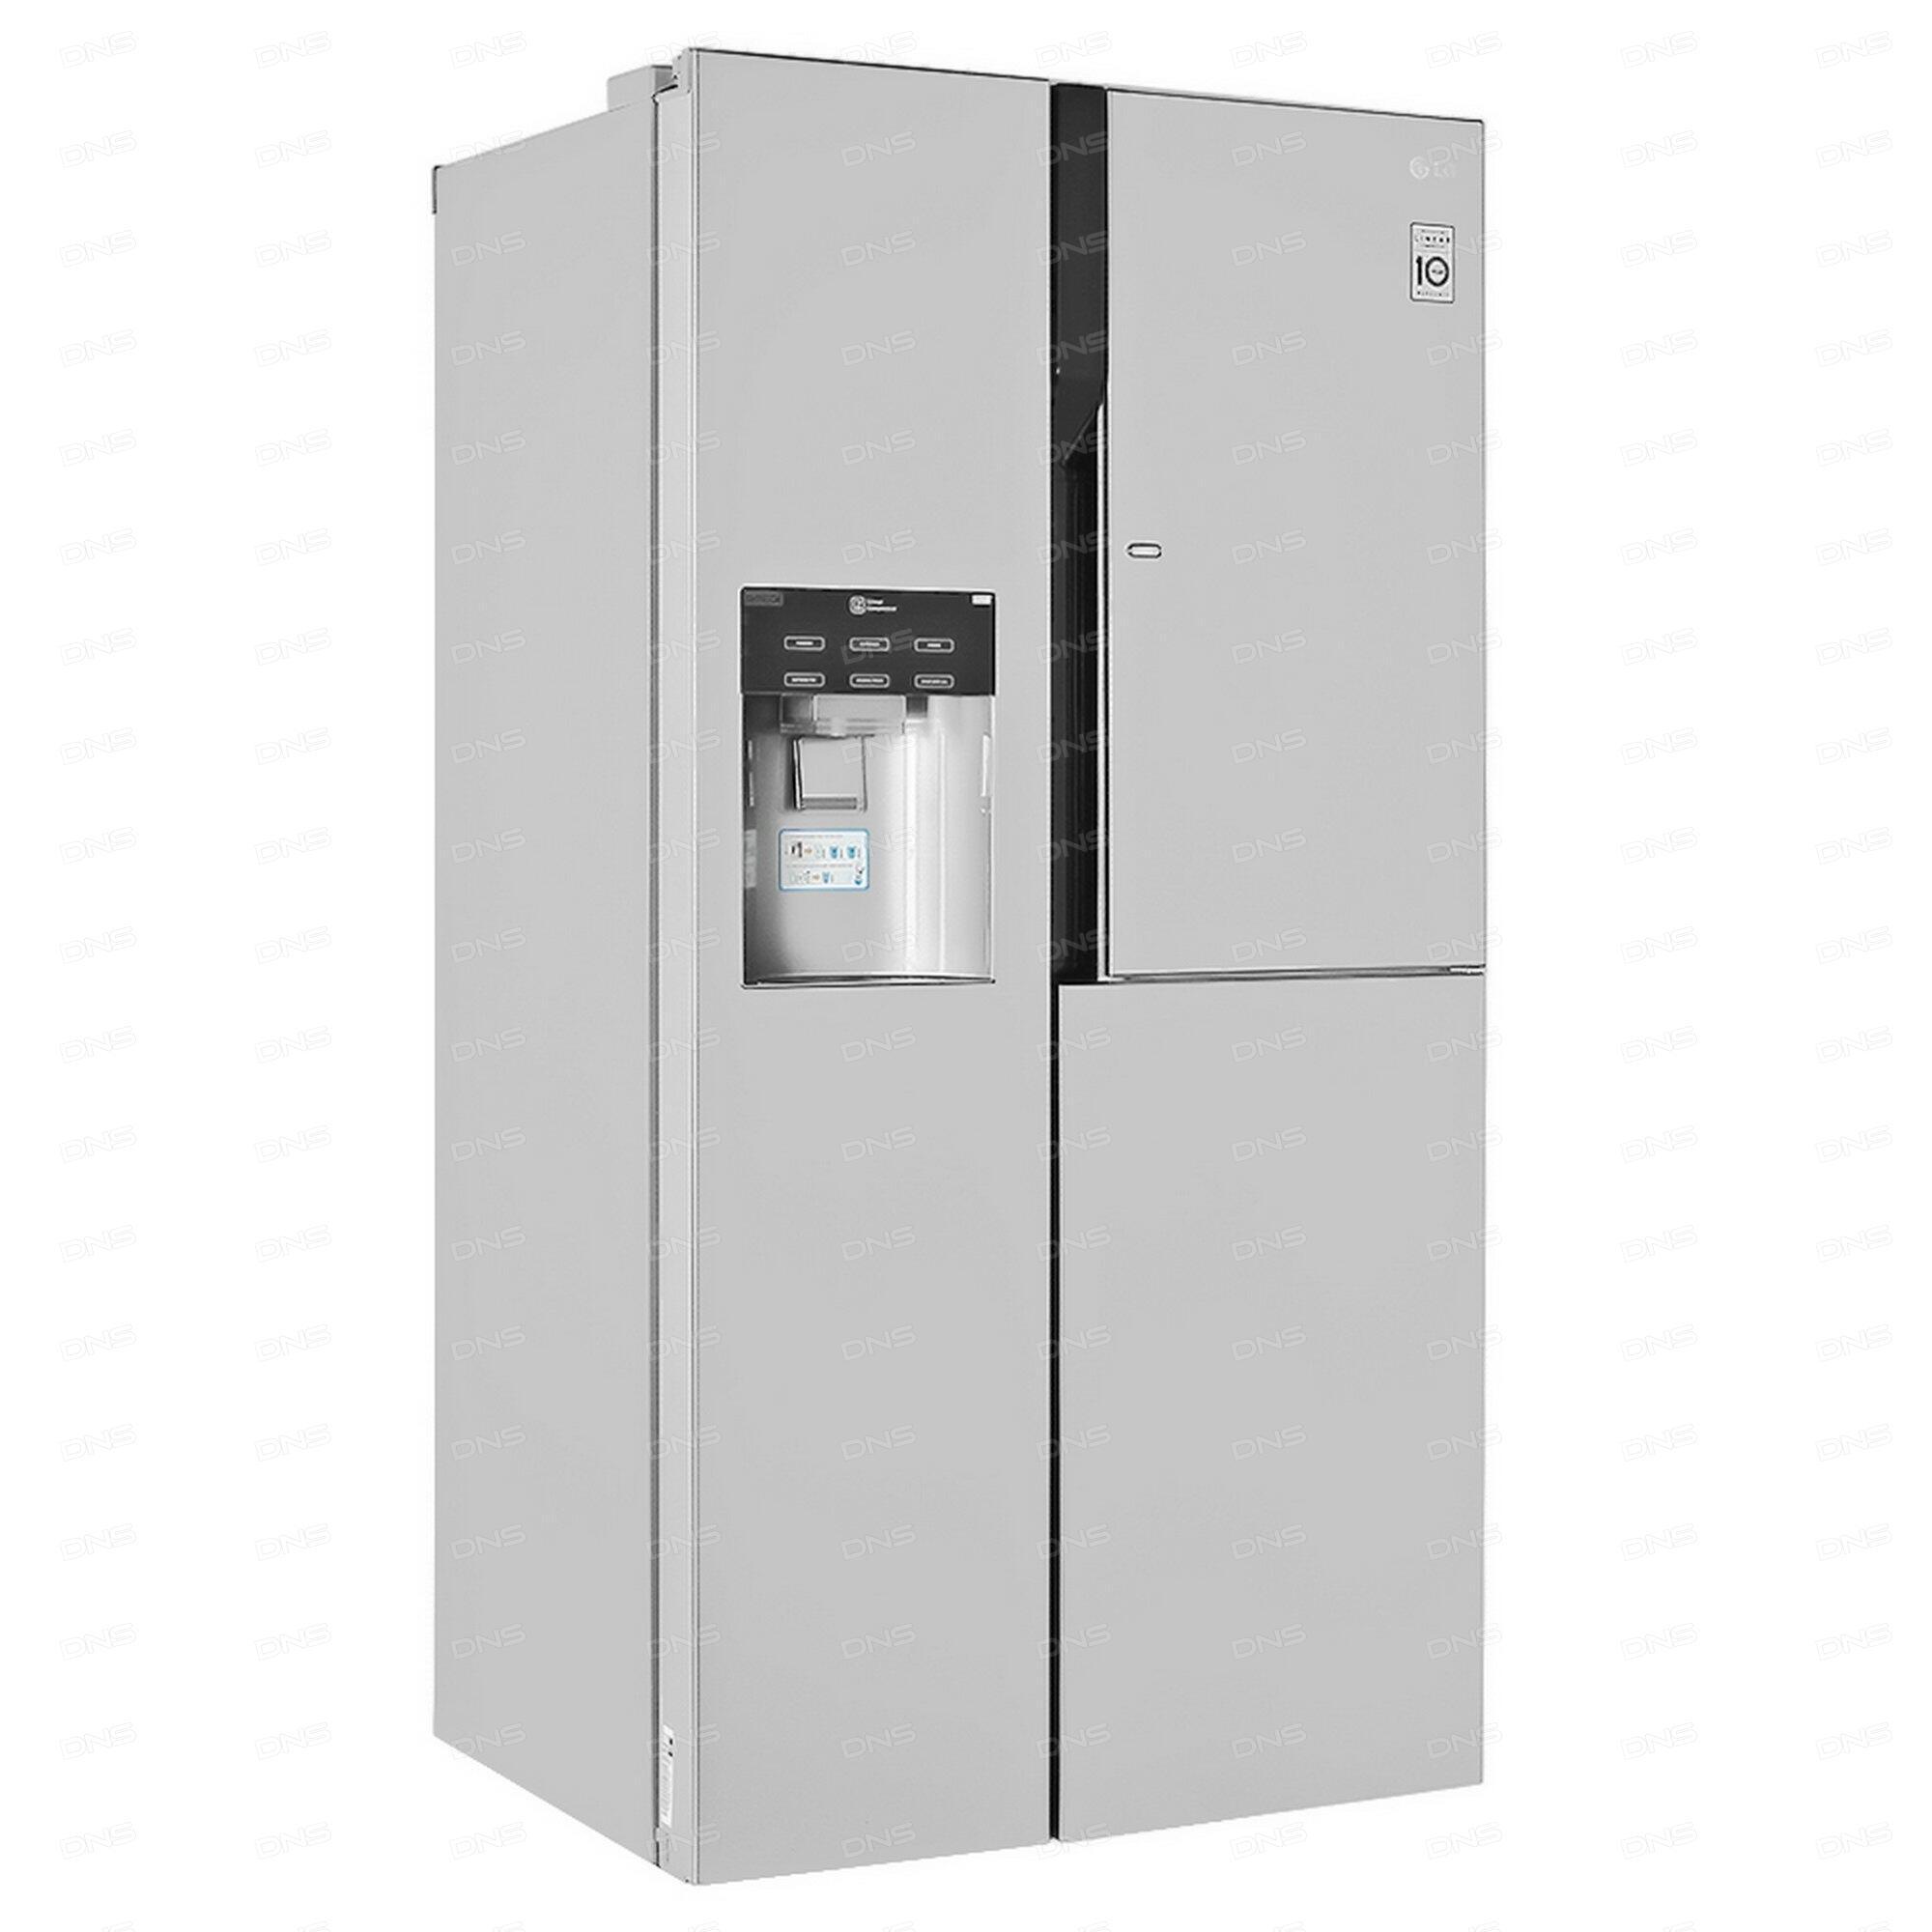 Холодильники серебристые в интерьере